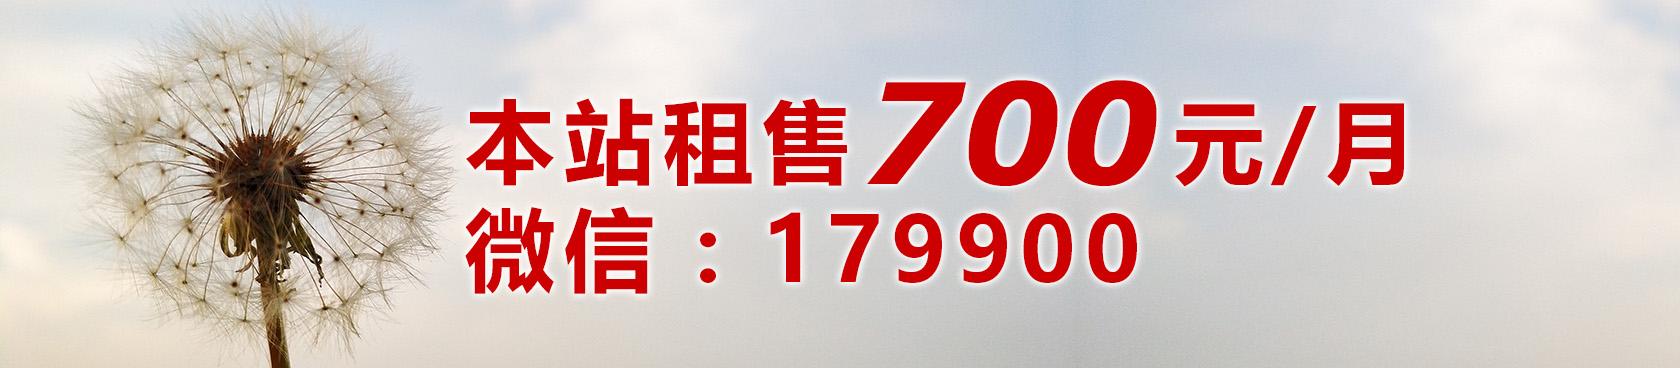 重庆心理咨询_心之力重庆心理咨询中心